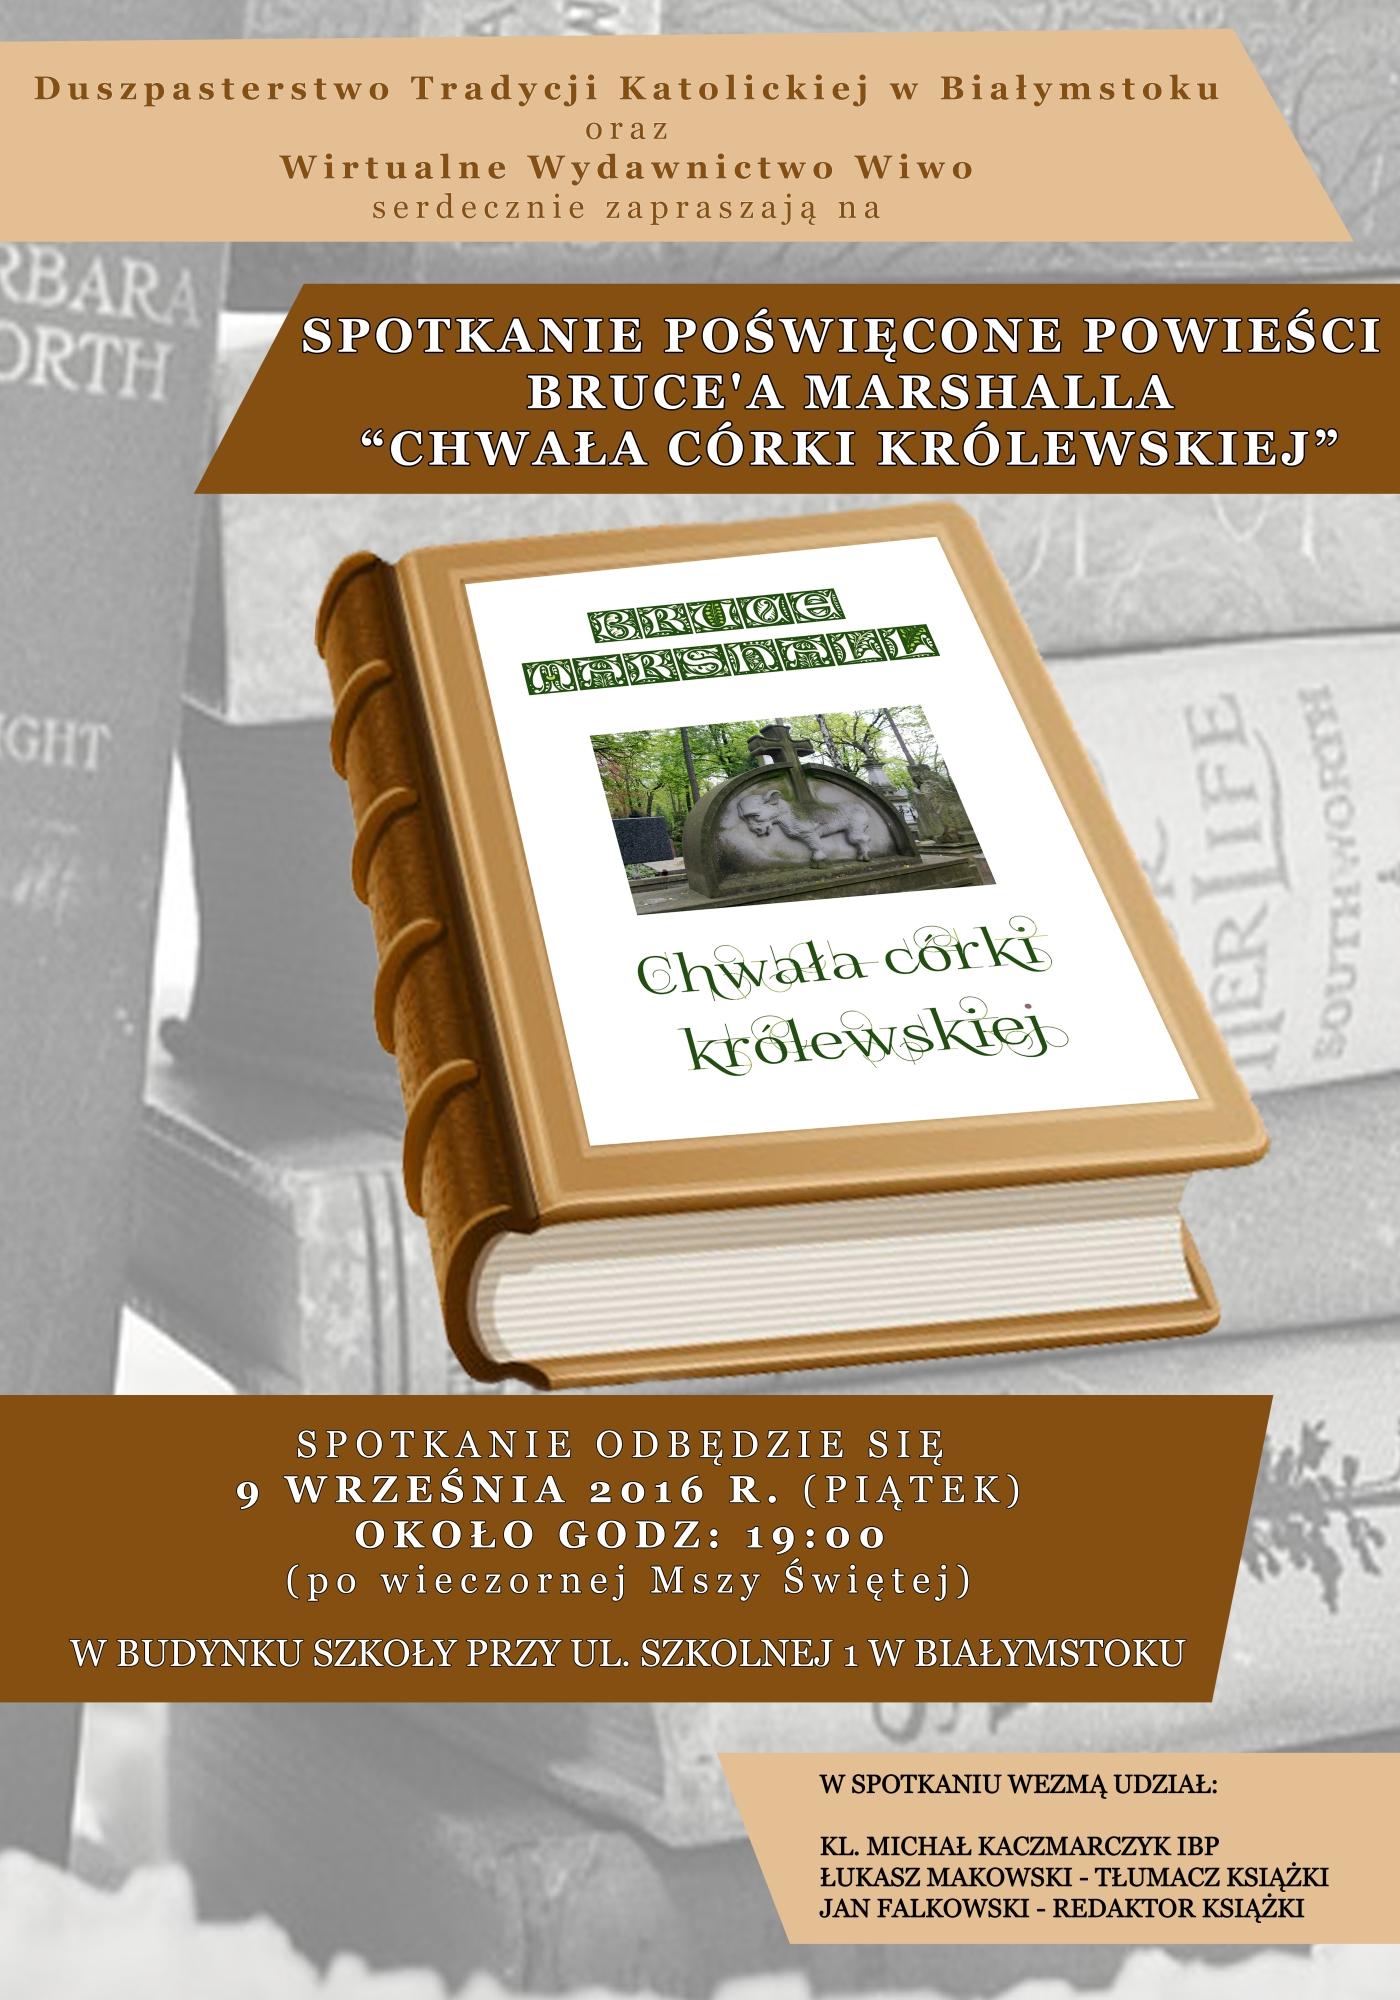 Plakat spotkanie - BRUCE MARSHALL ww